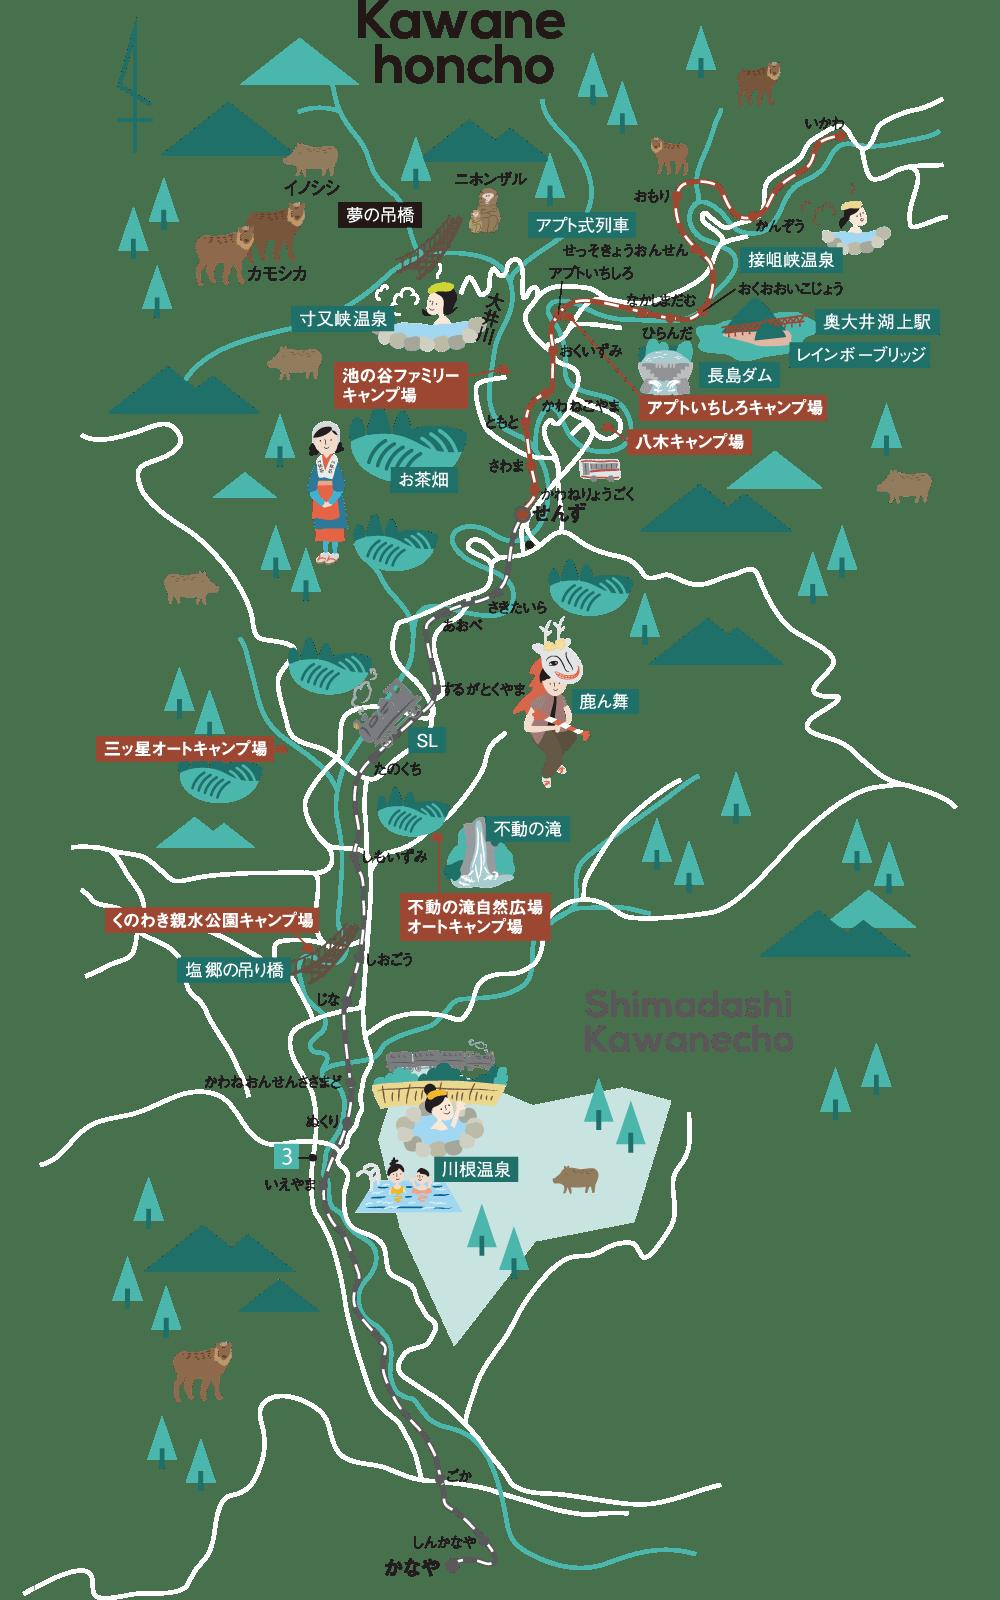 Kawane honcho map